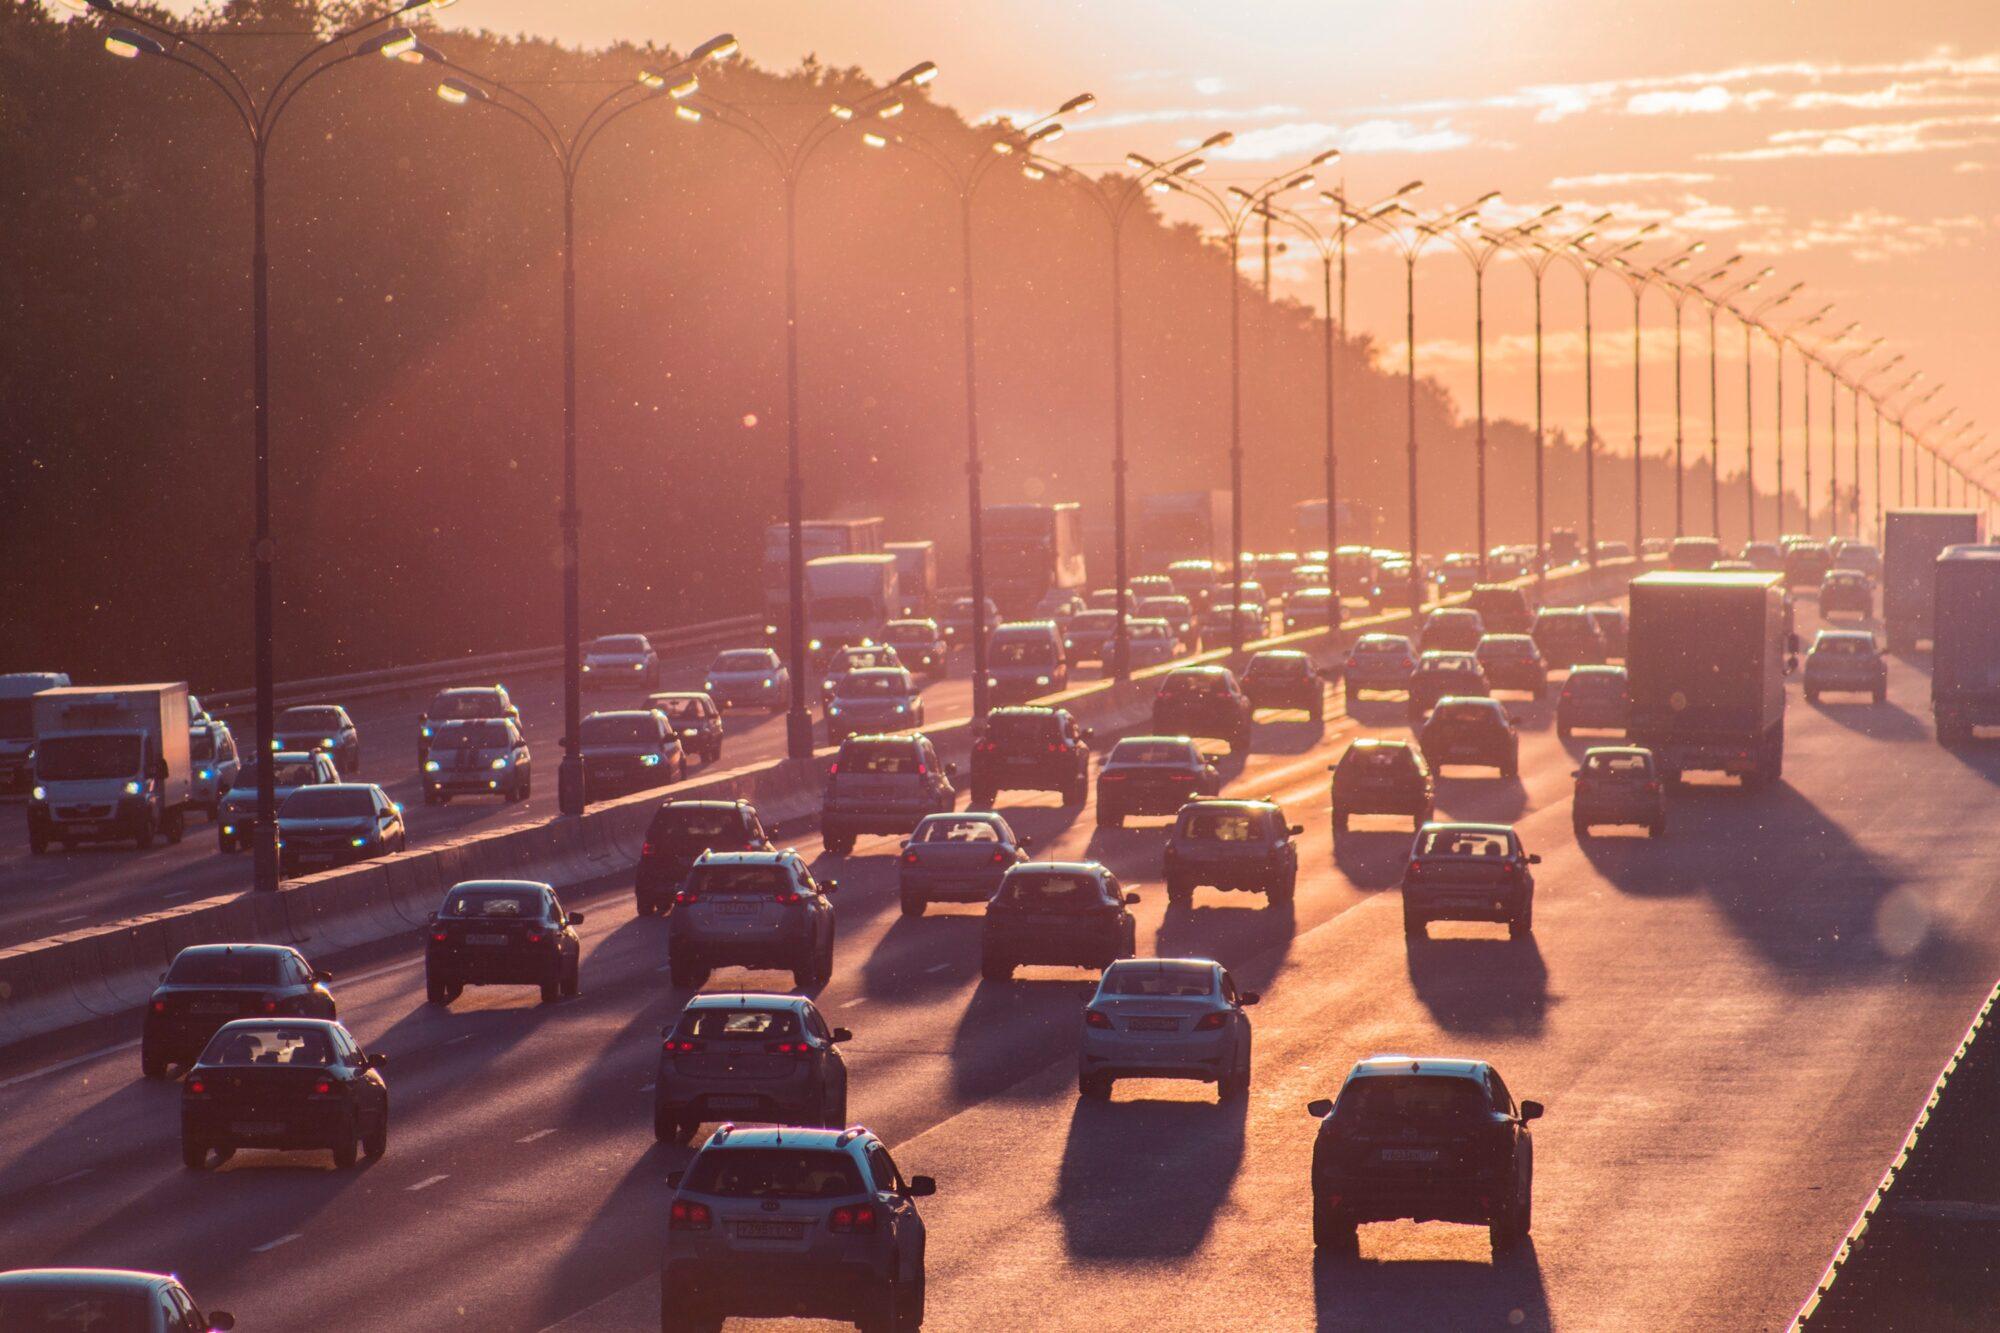 В Україні можуть збільшити ліміт перевищення швидкості на дорогах - Парламент, дороги - alexander popov Xbh OGLRfUM unsplash 2000x1333